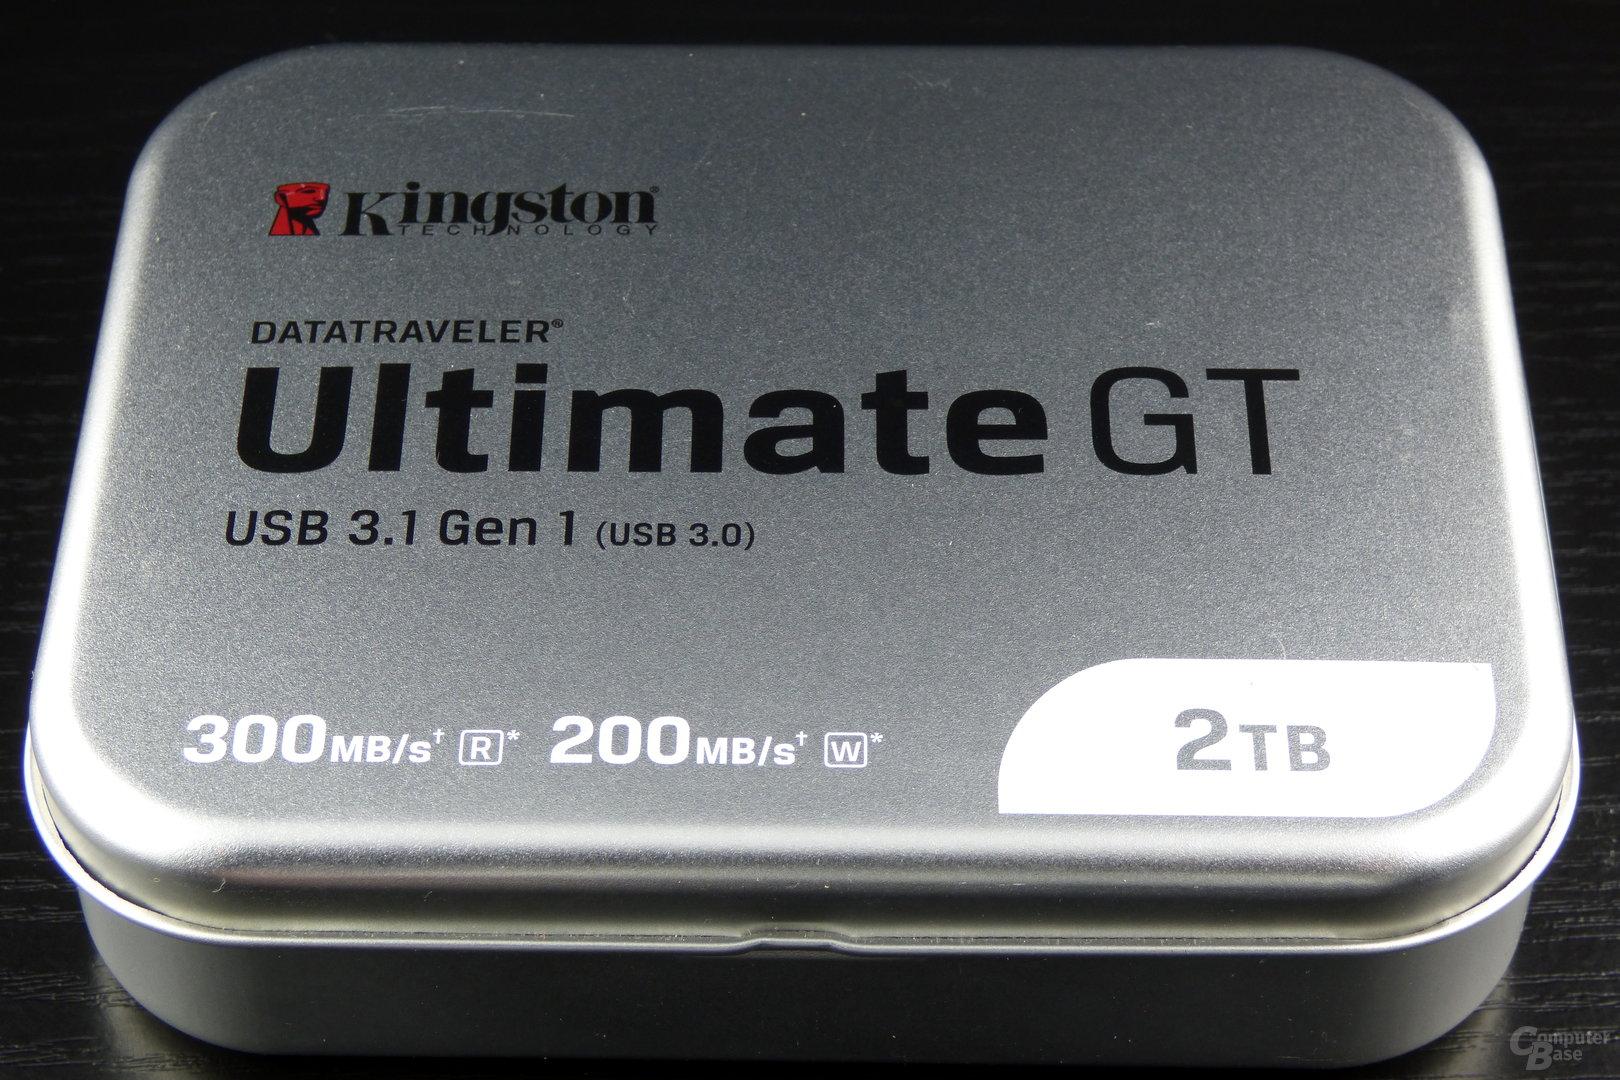 Ein USB-Stick aus der Dose – mit vorbildlichem Hinweis, dass USB 3.1 Gen 1 im Grunde USB 3.0 bedeutet